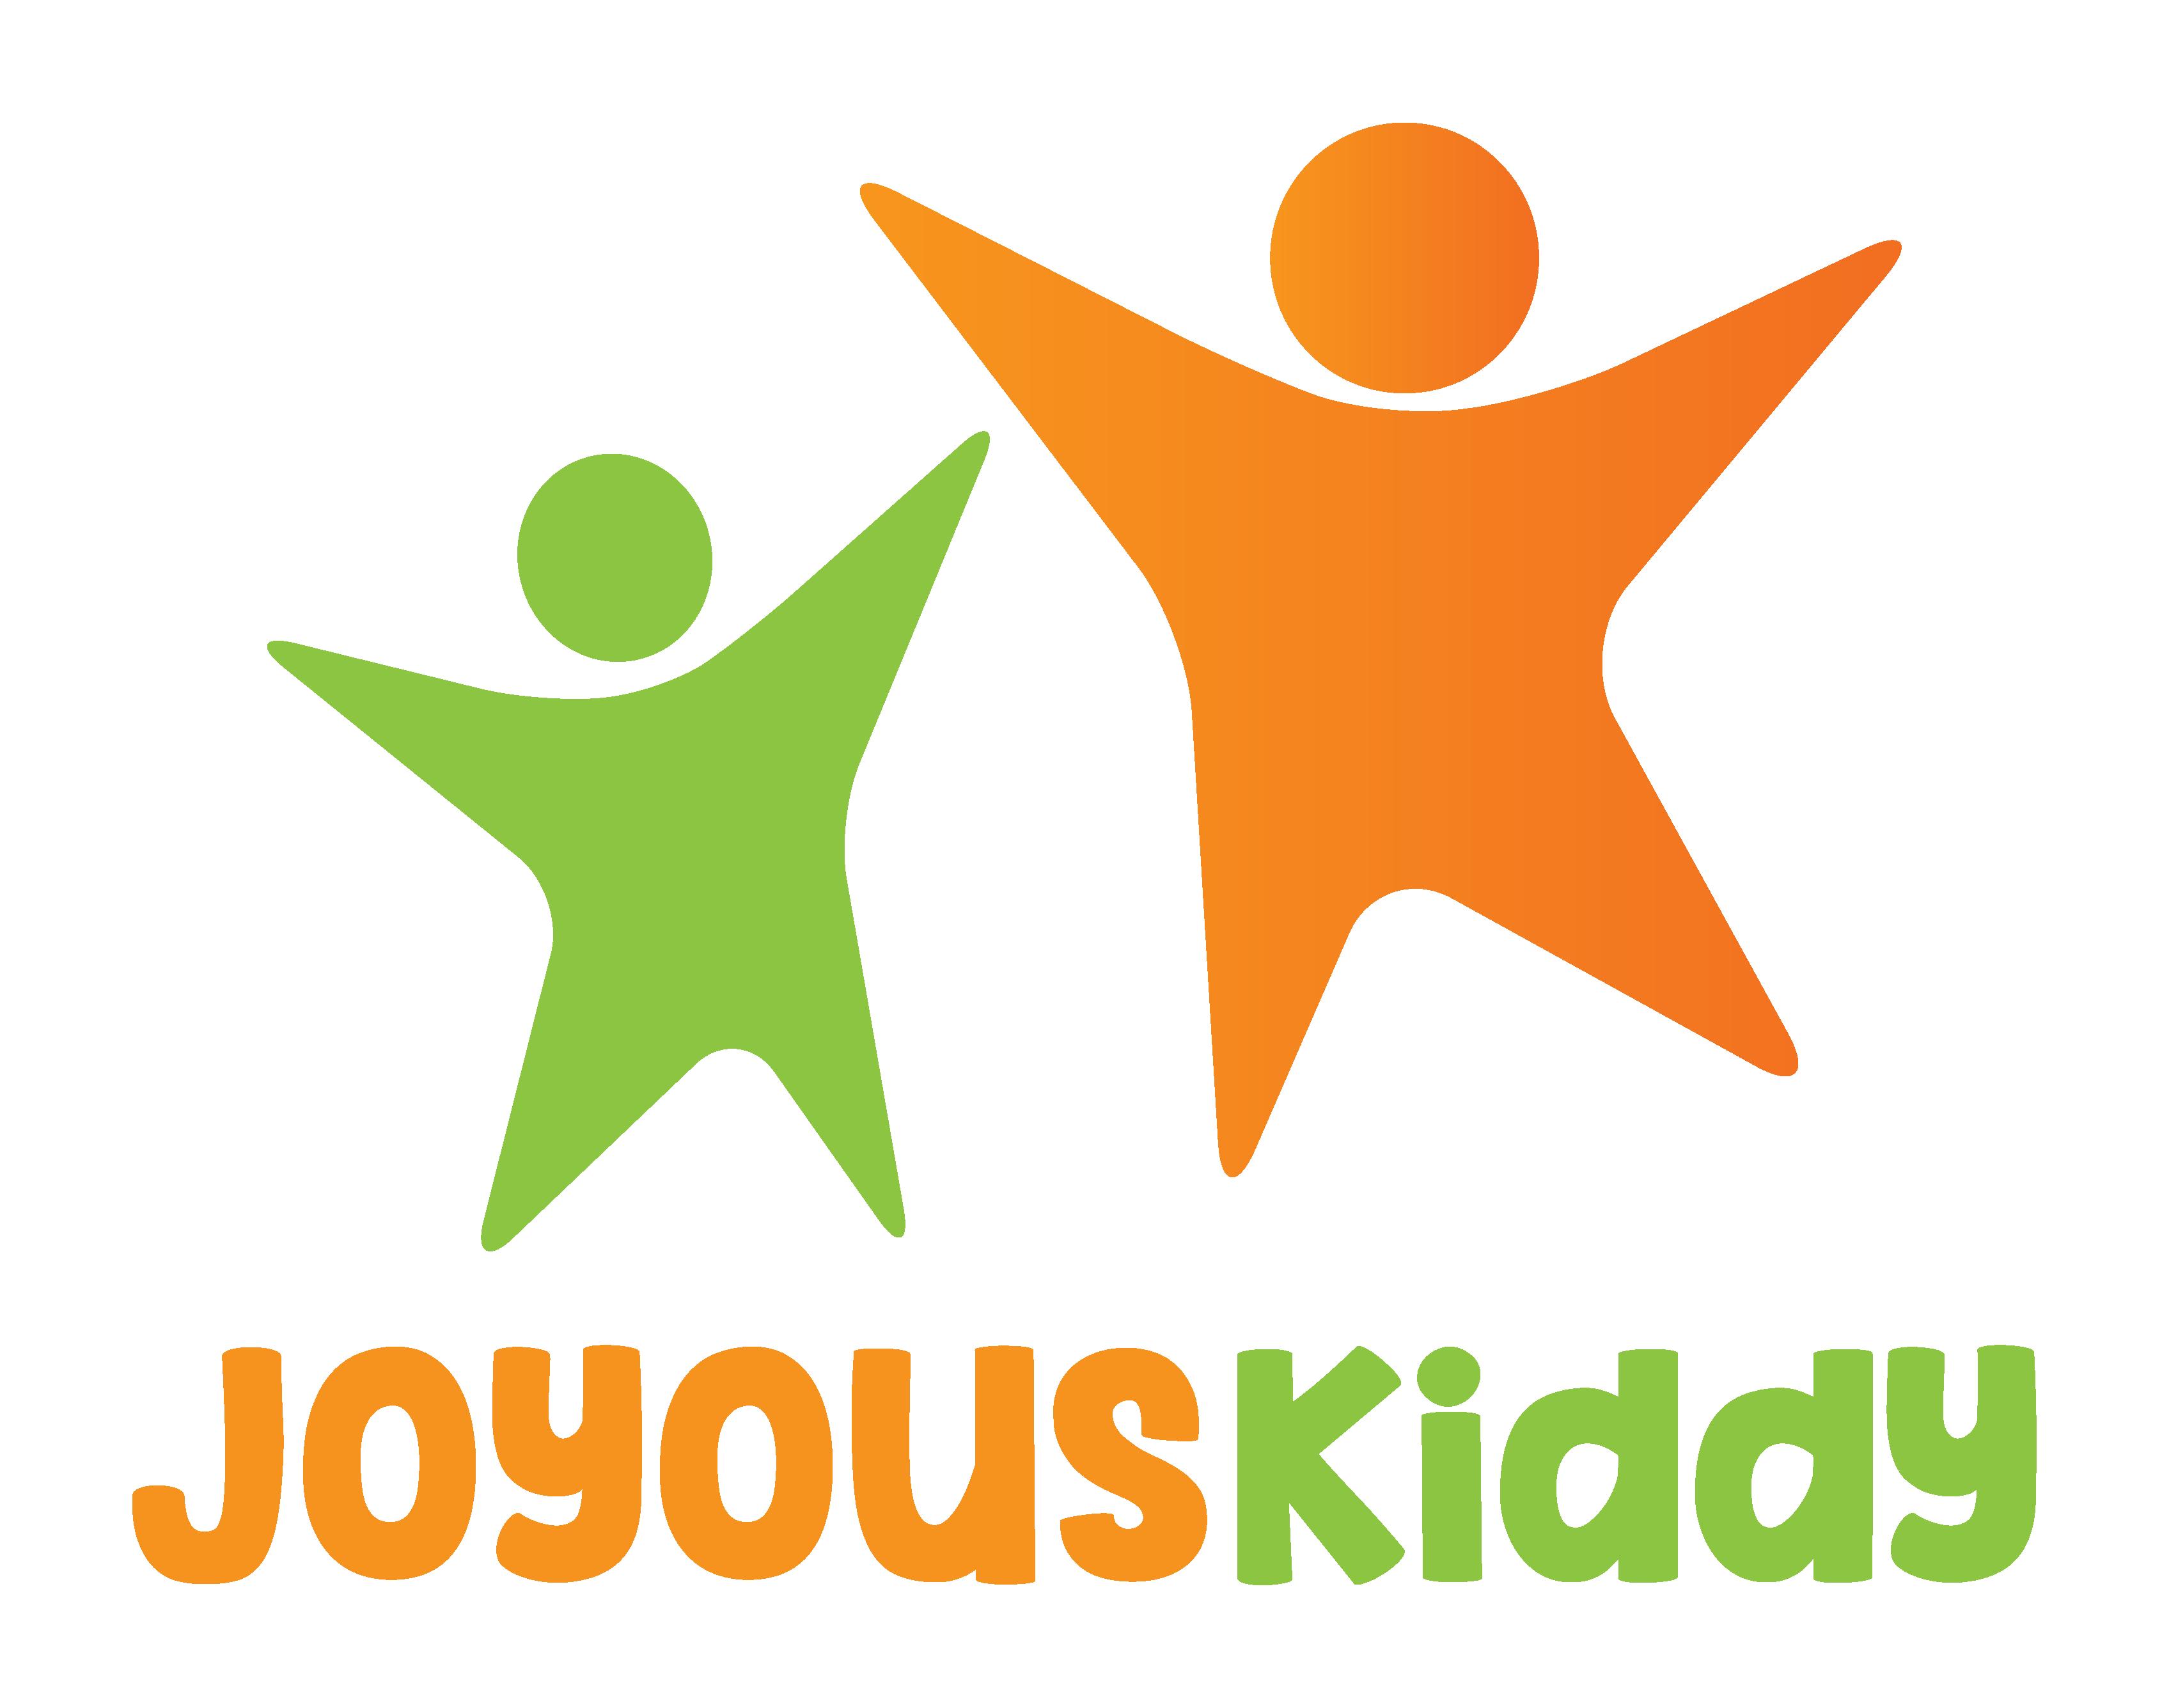 8-year-old Child Developmental Checklist